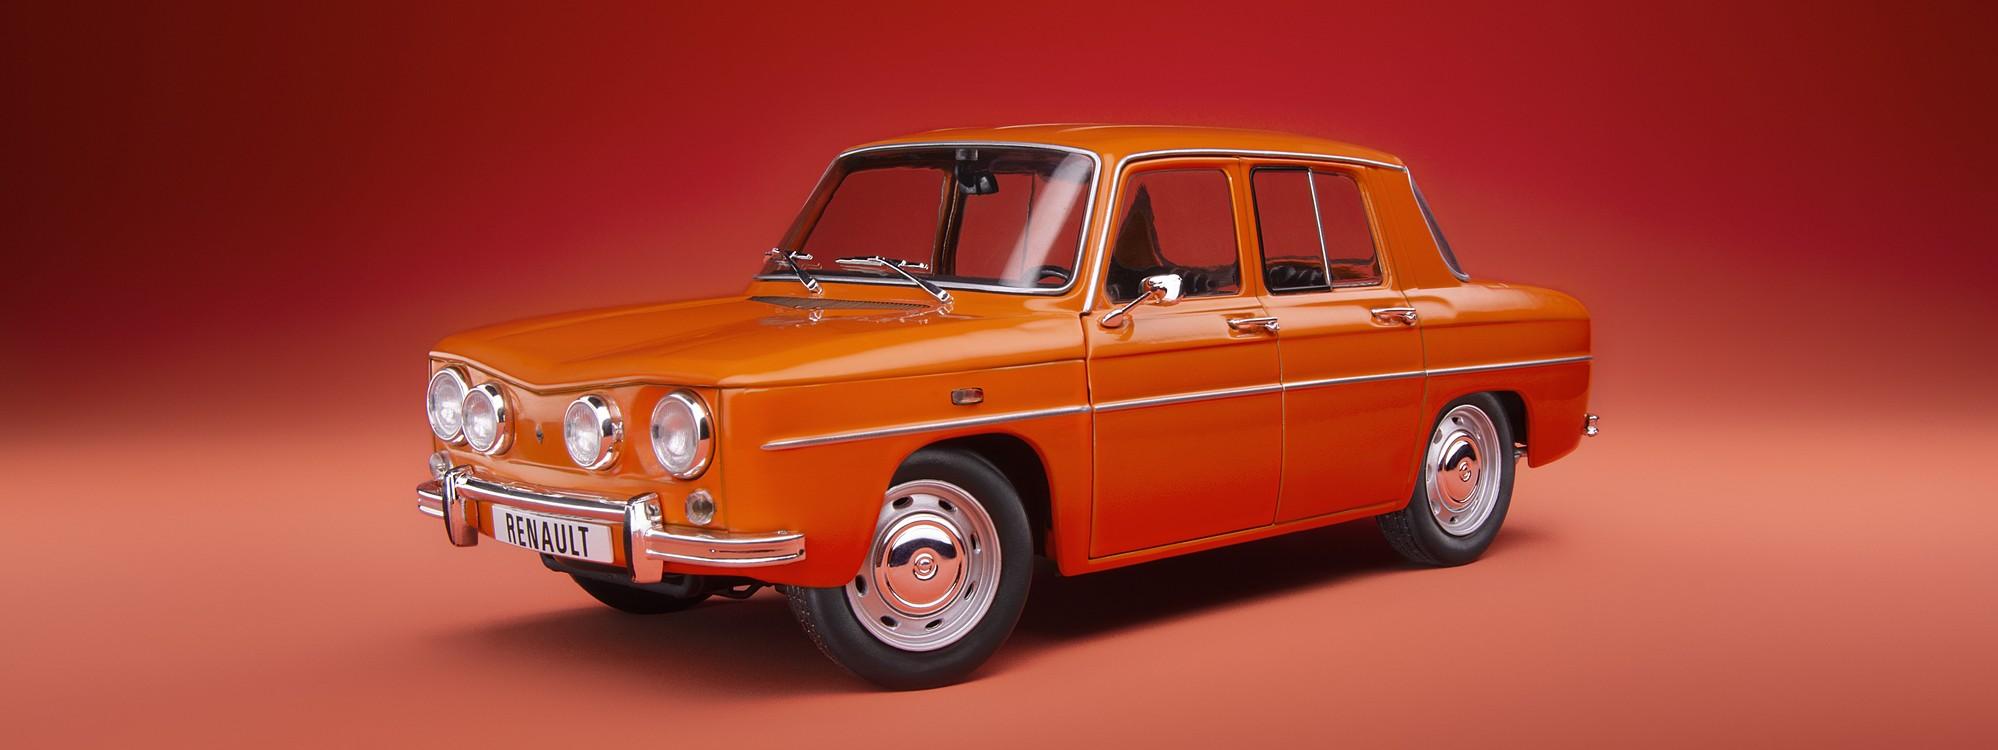 Slide - S1803603 Renault R8 orange